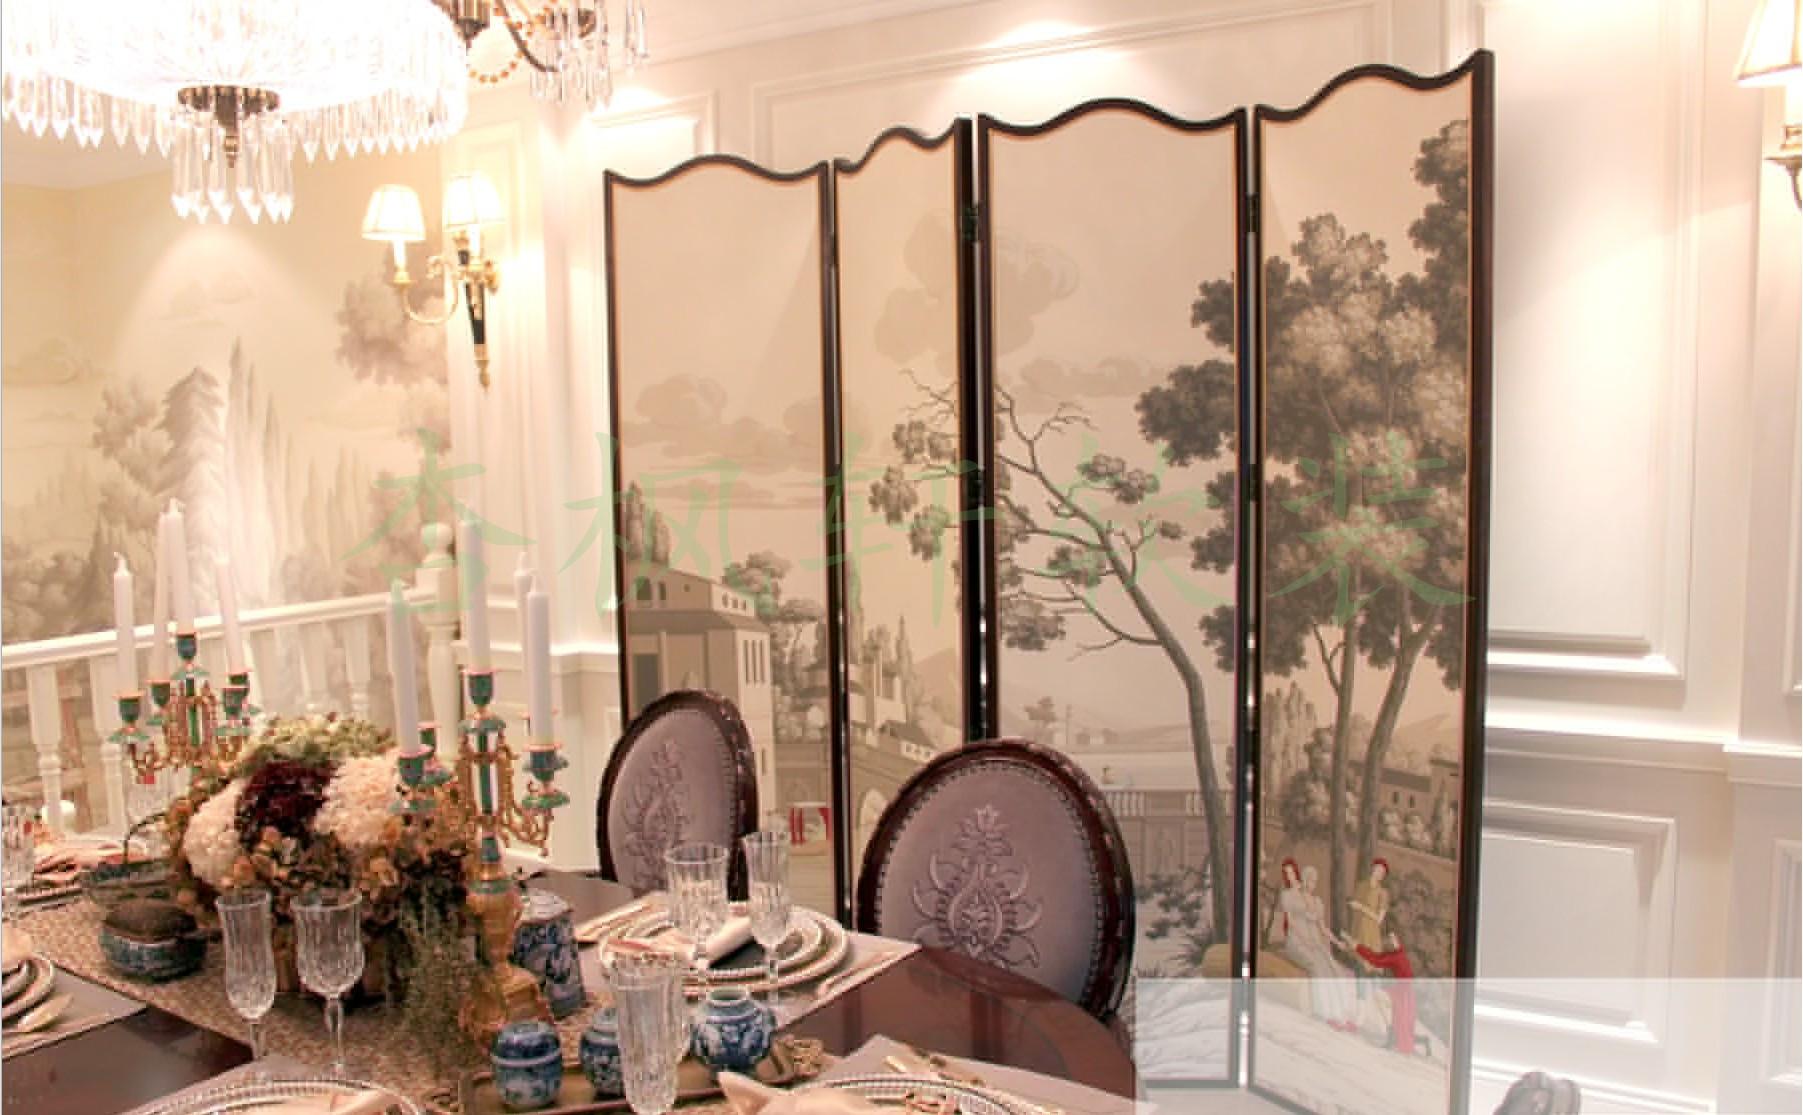 真丝手绘壁纸 丝绸手绘墙纸 真丝手绘刺绣壁纸 手绘